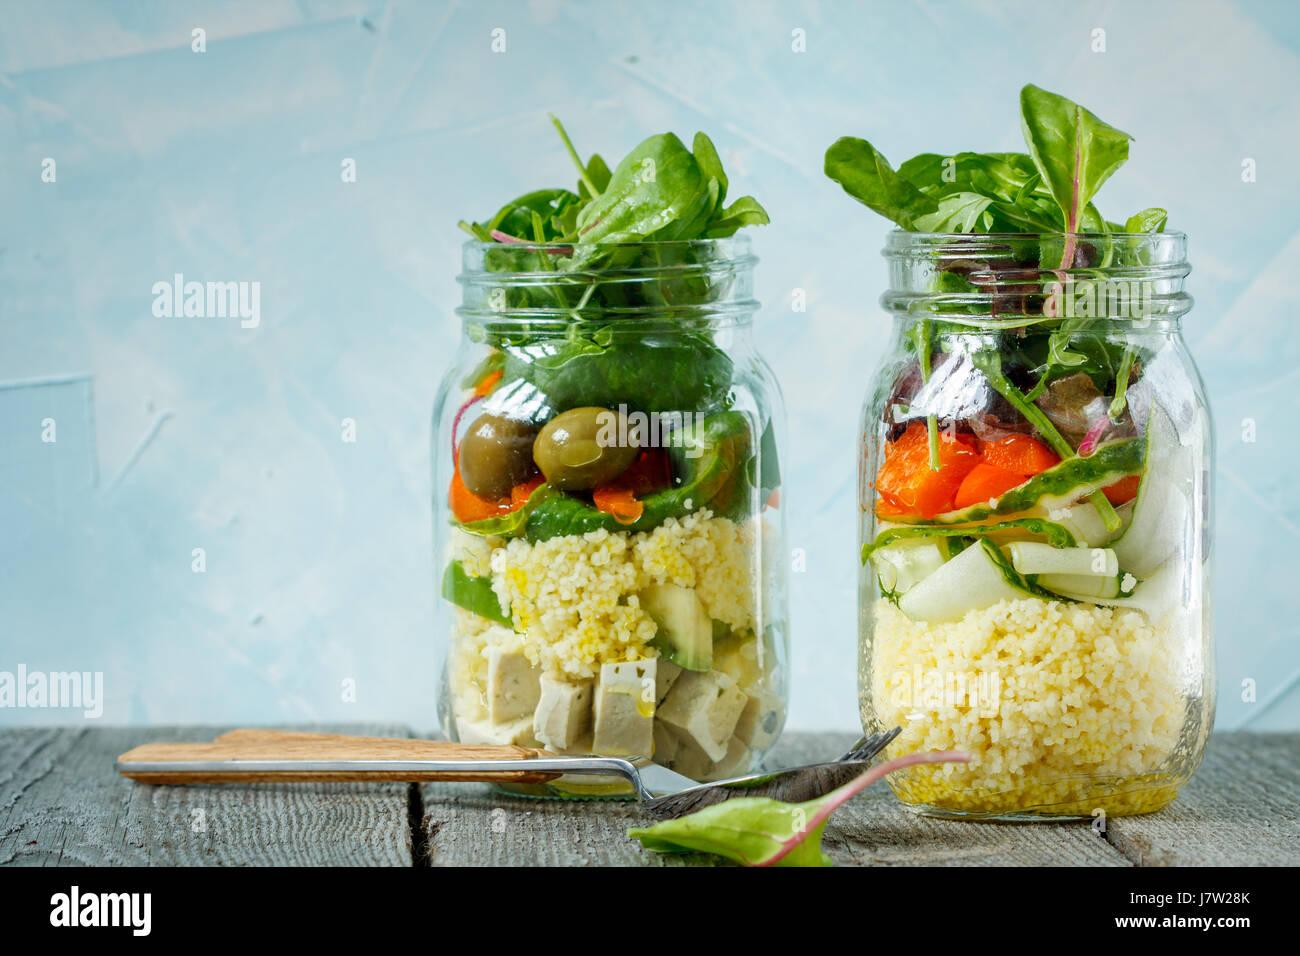 Colorido con ensalada de cuscús, tofu y verduras en una jarra. Amor por un concepto de comida vegana saludable Imagen De Stock